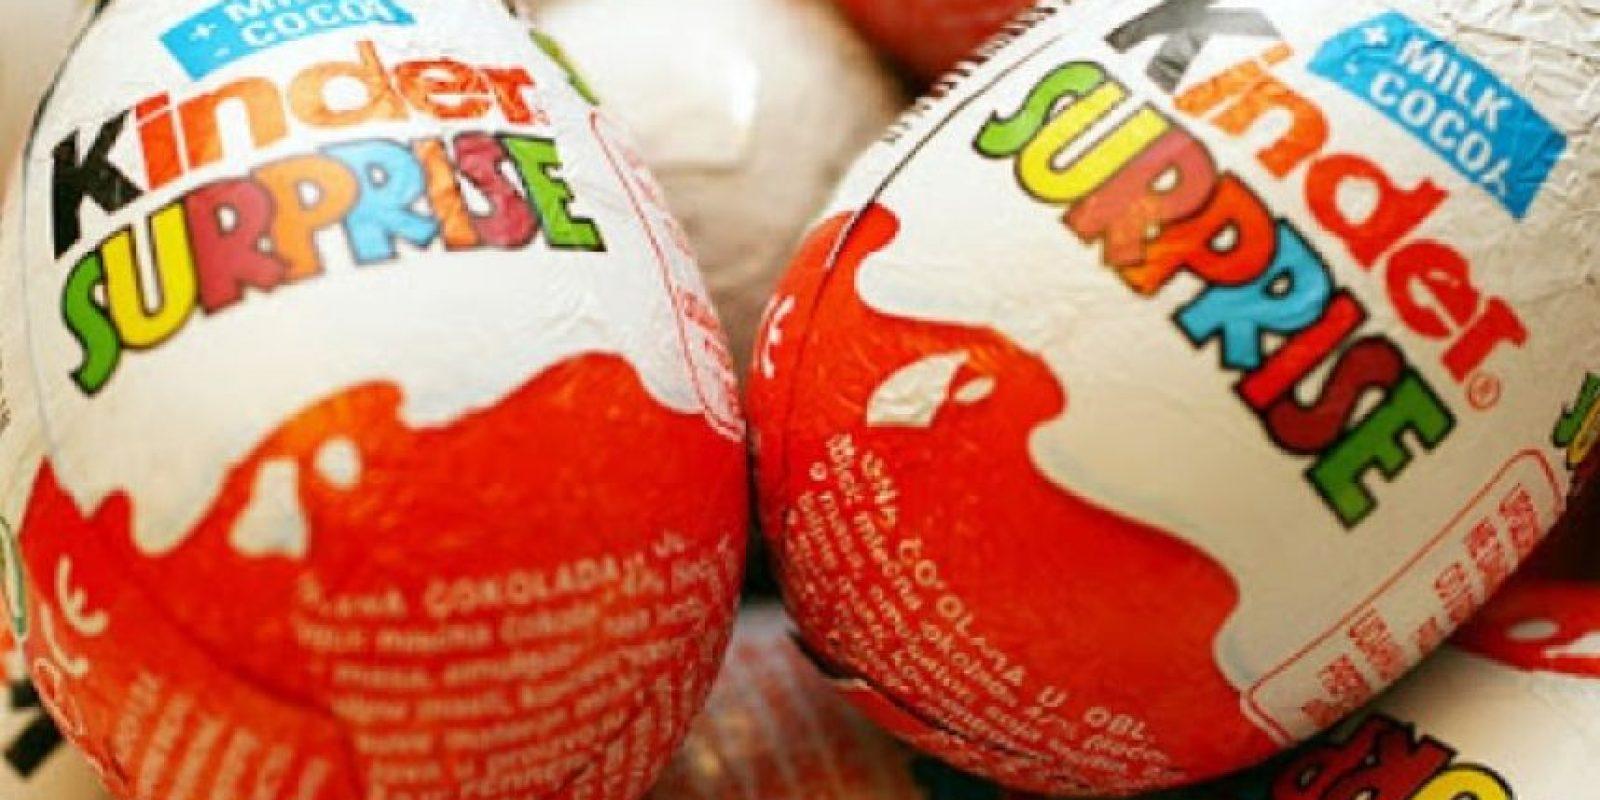 10. Los fabricantes aseguran que la Nutella vendida en un año es suficiente para cubrir mil canchas de fútbol. Foto:Tumblr.com/Kinder-huevo